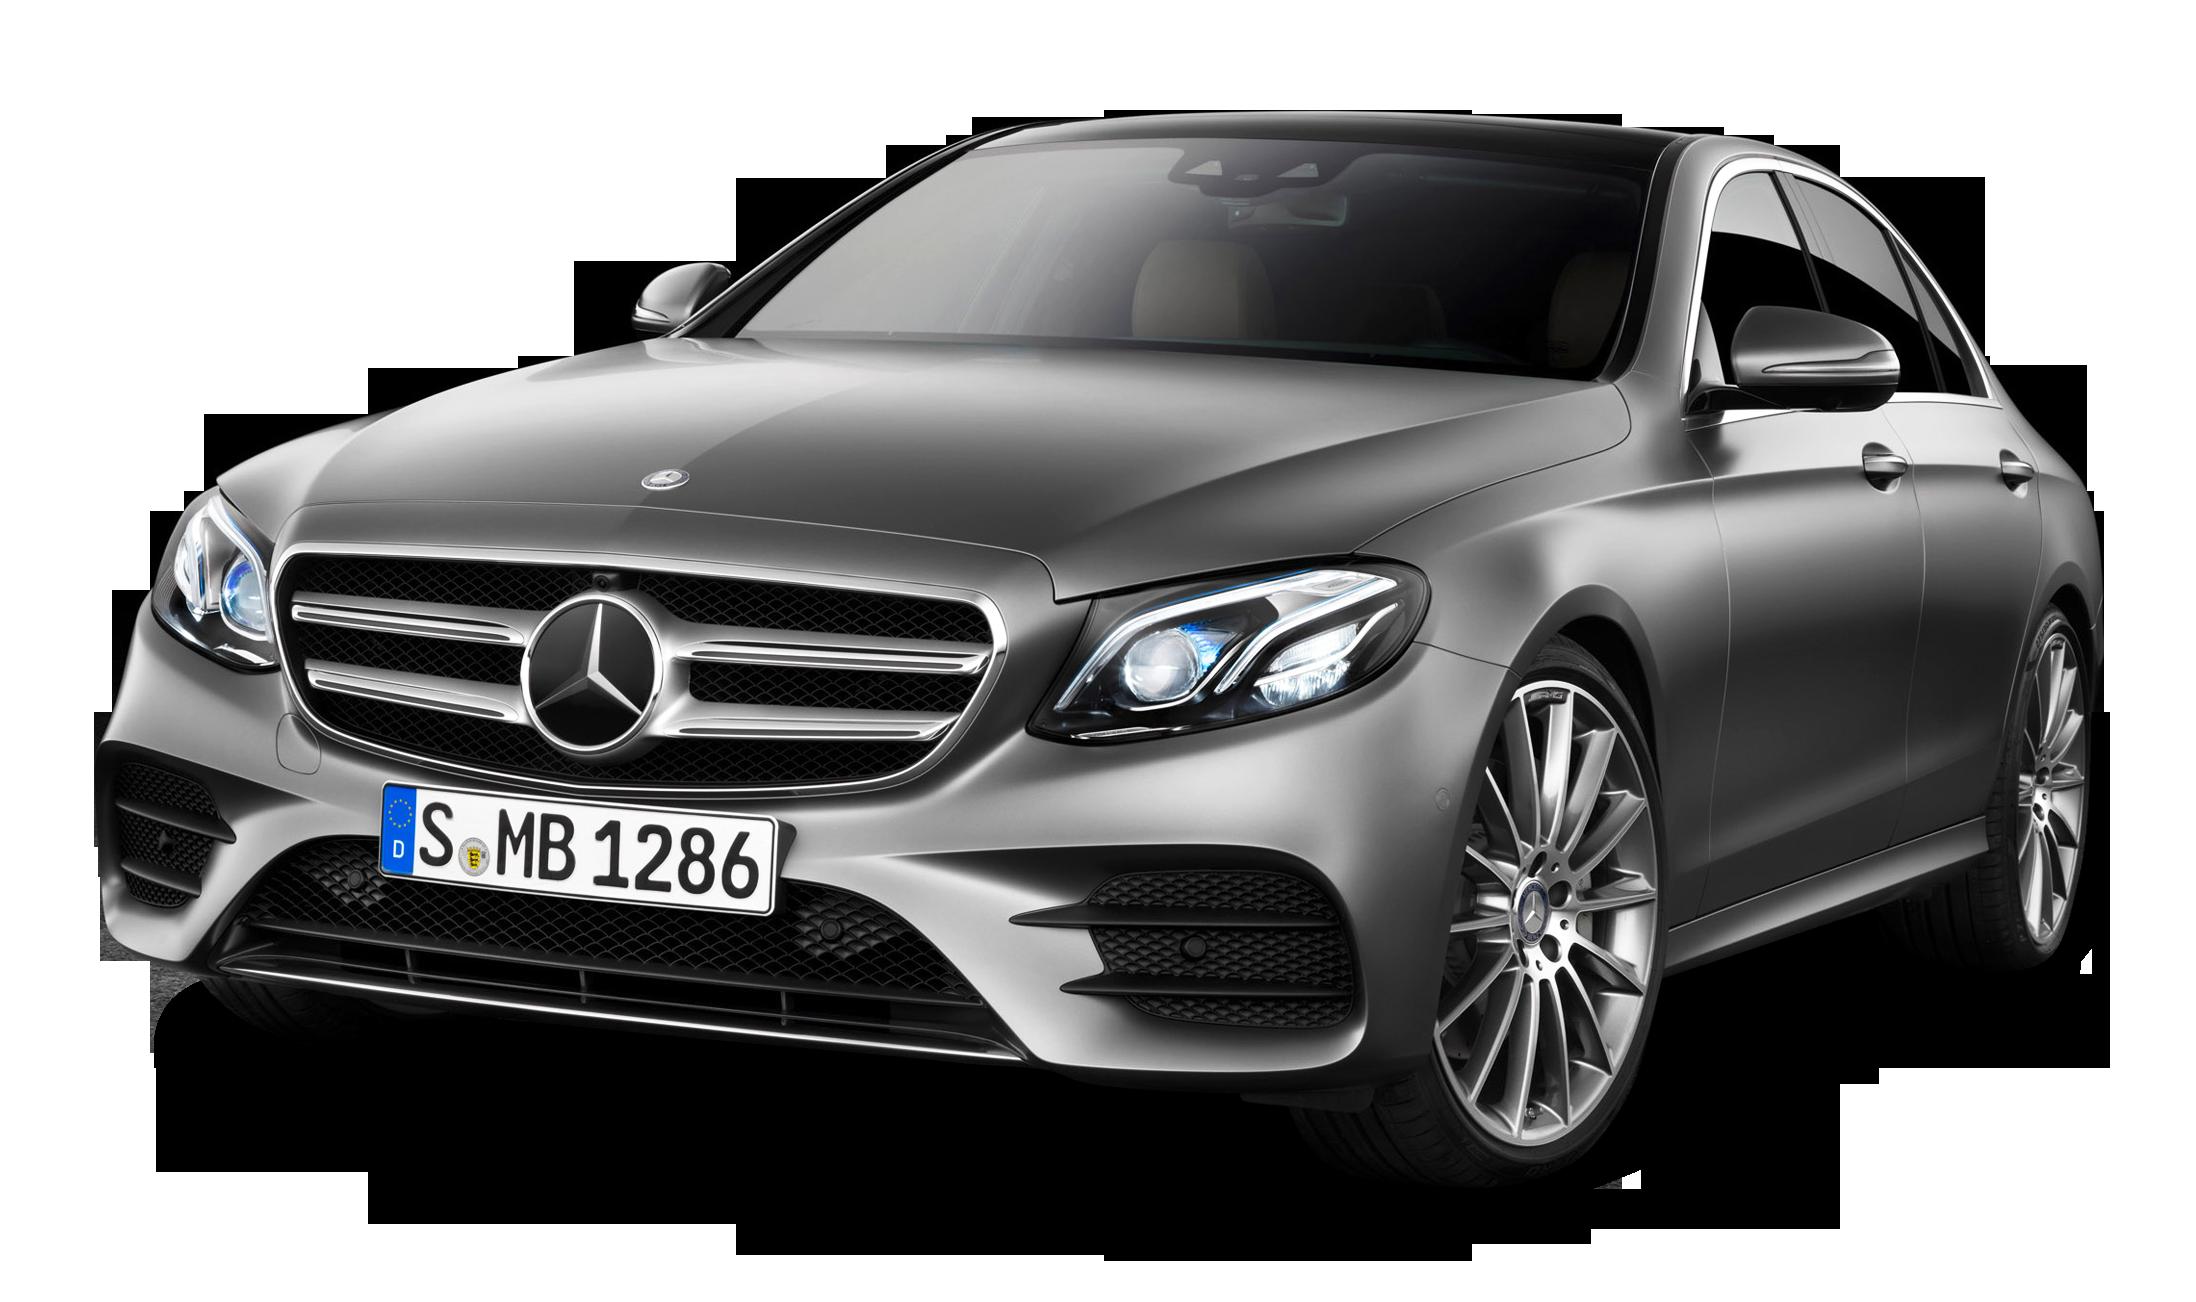 Grey Mercedes Benz E class Car